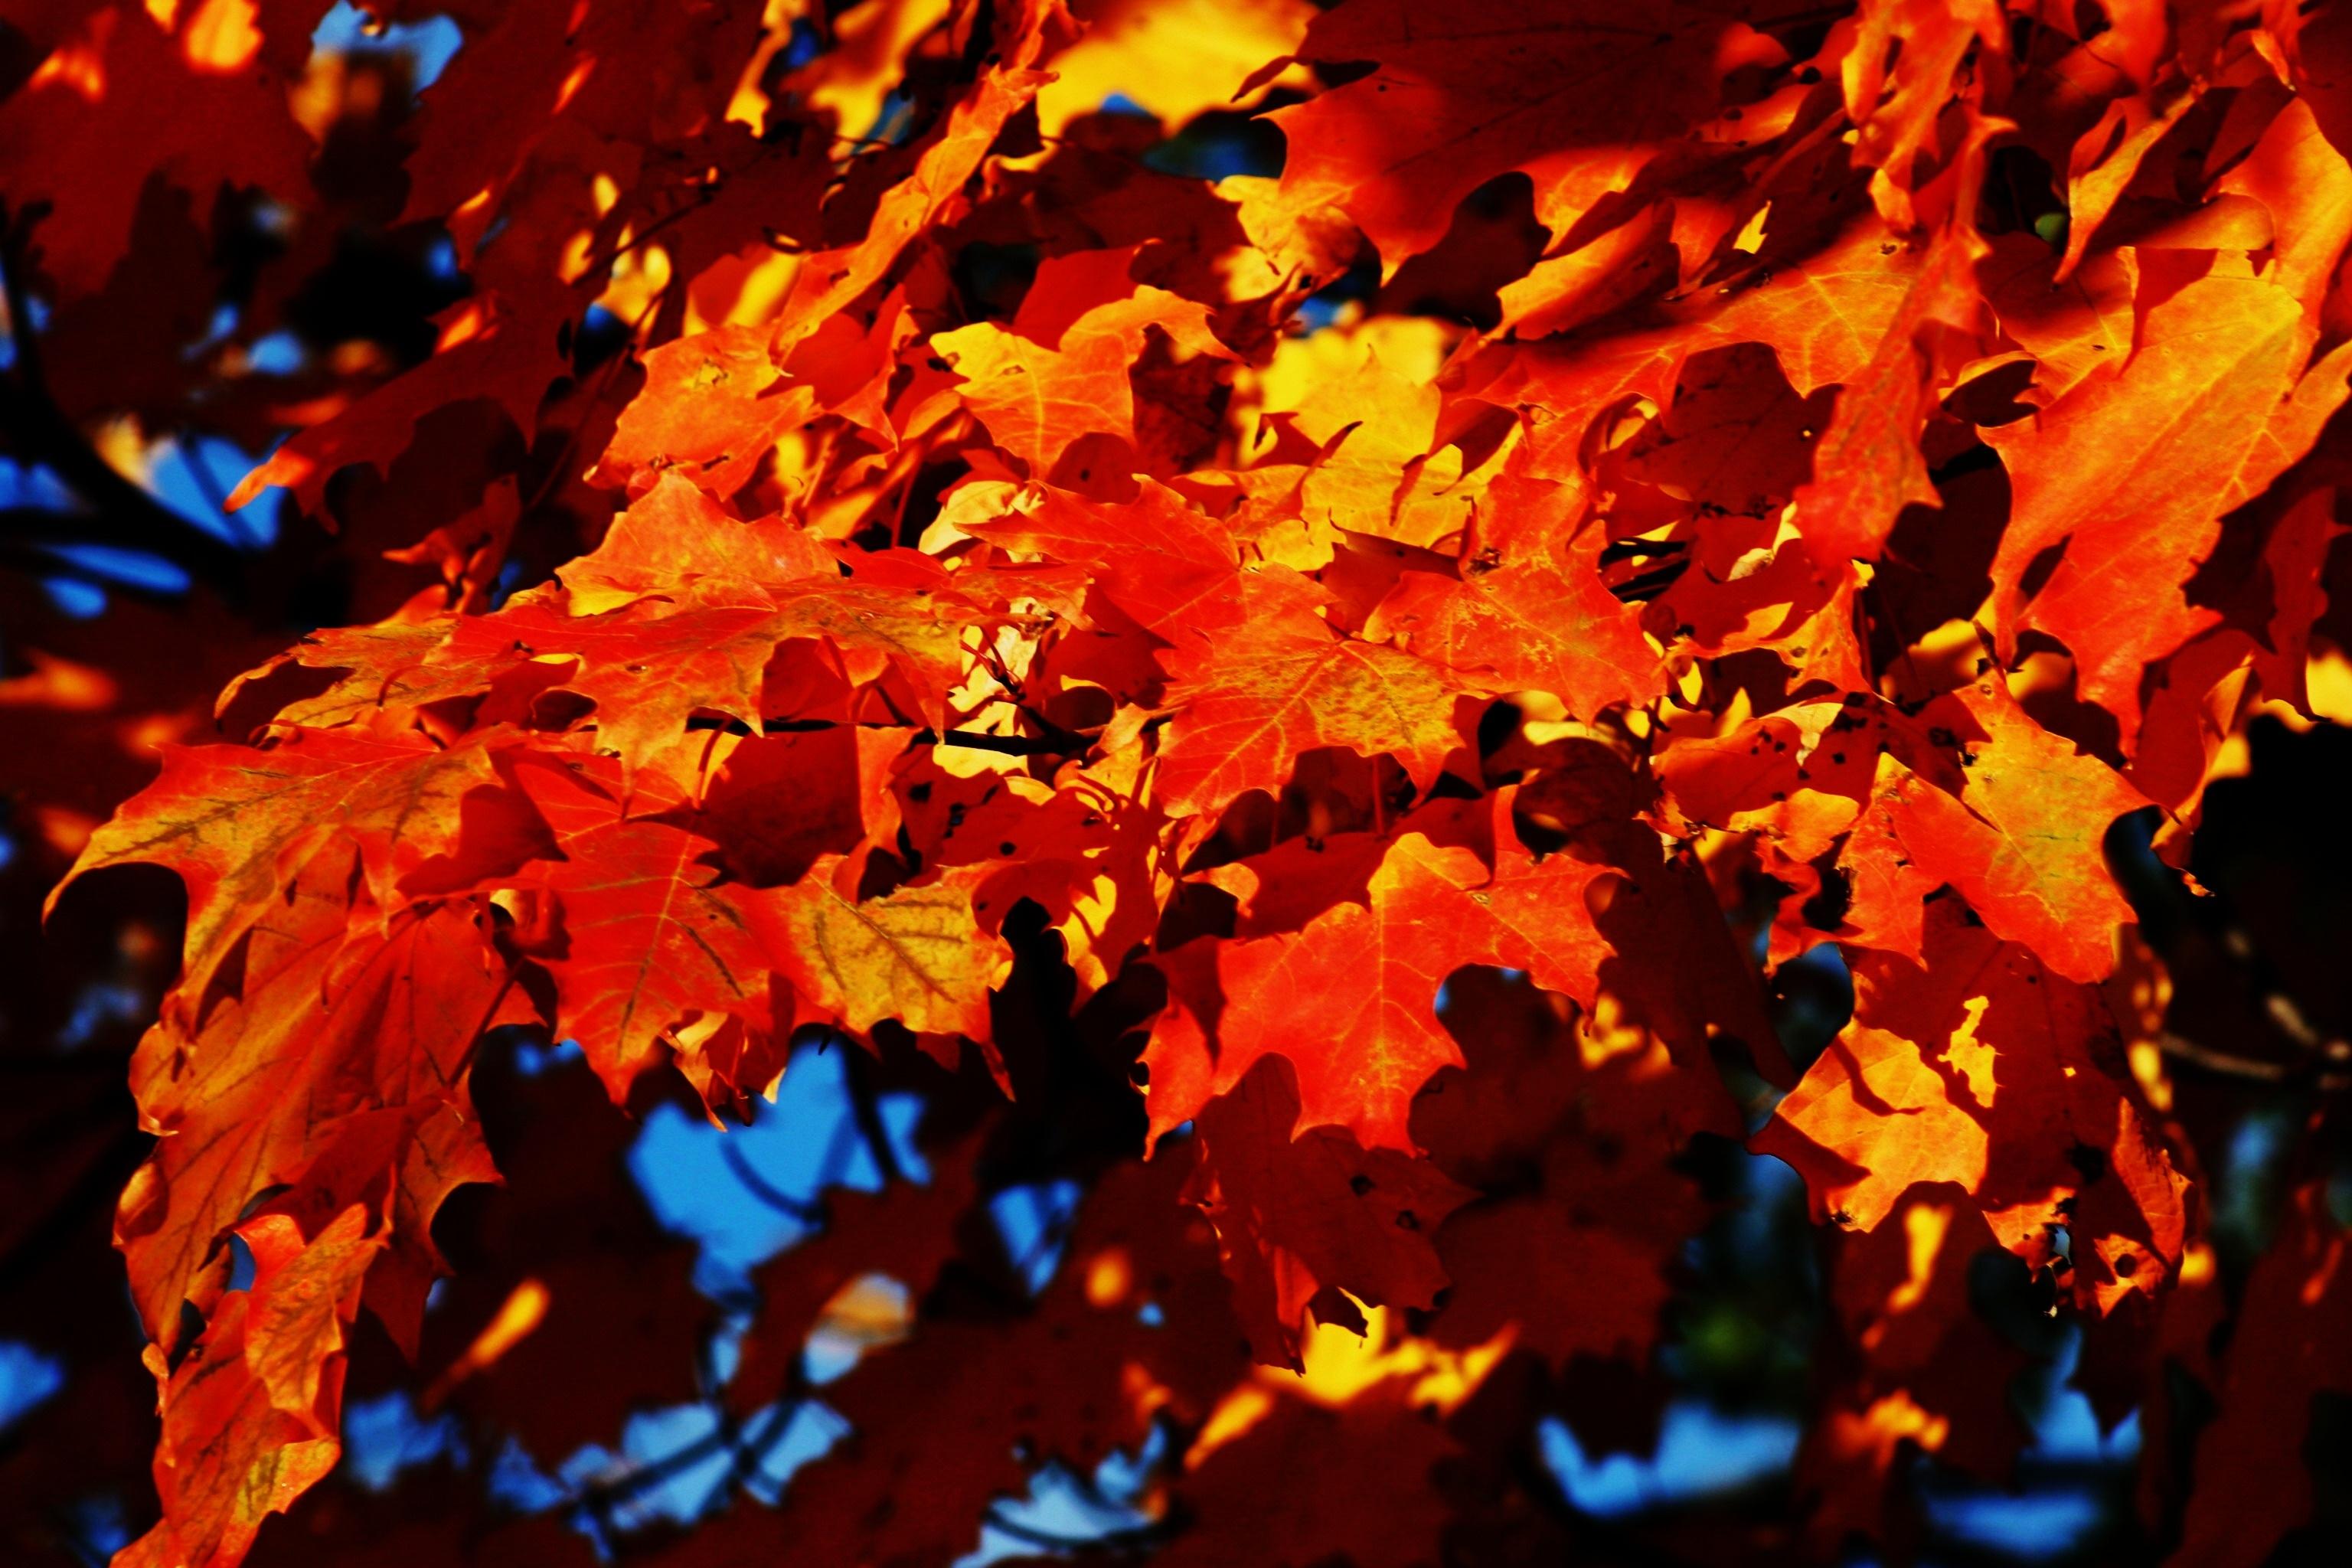 руки осень картинки кленовые листья картинки также завитки очень